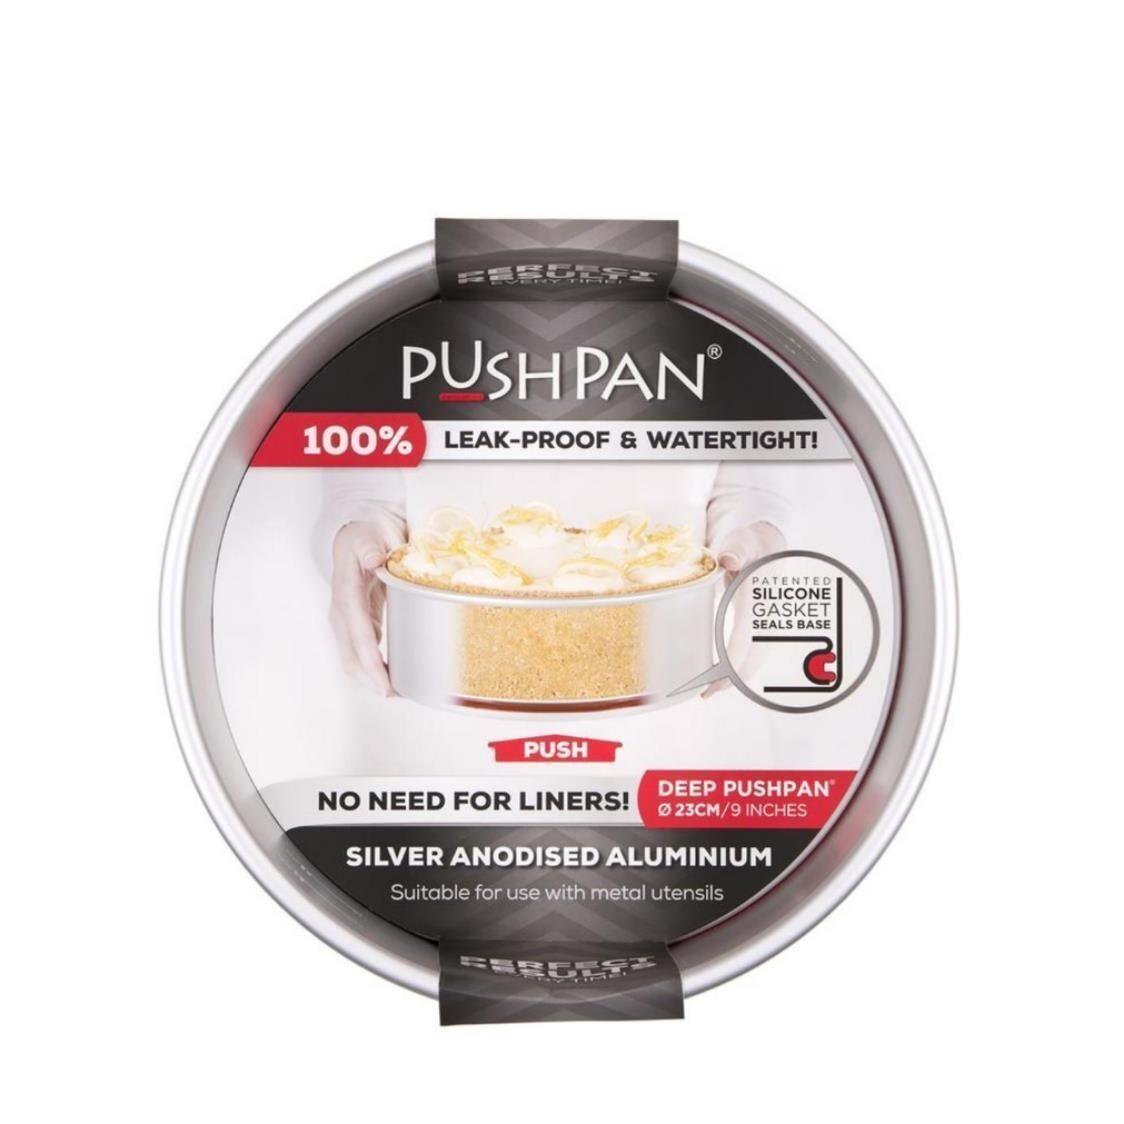 Pushpan Anodised aluminium Pushpan Deep Round Tin 9 23 cm